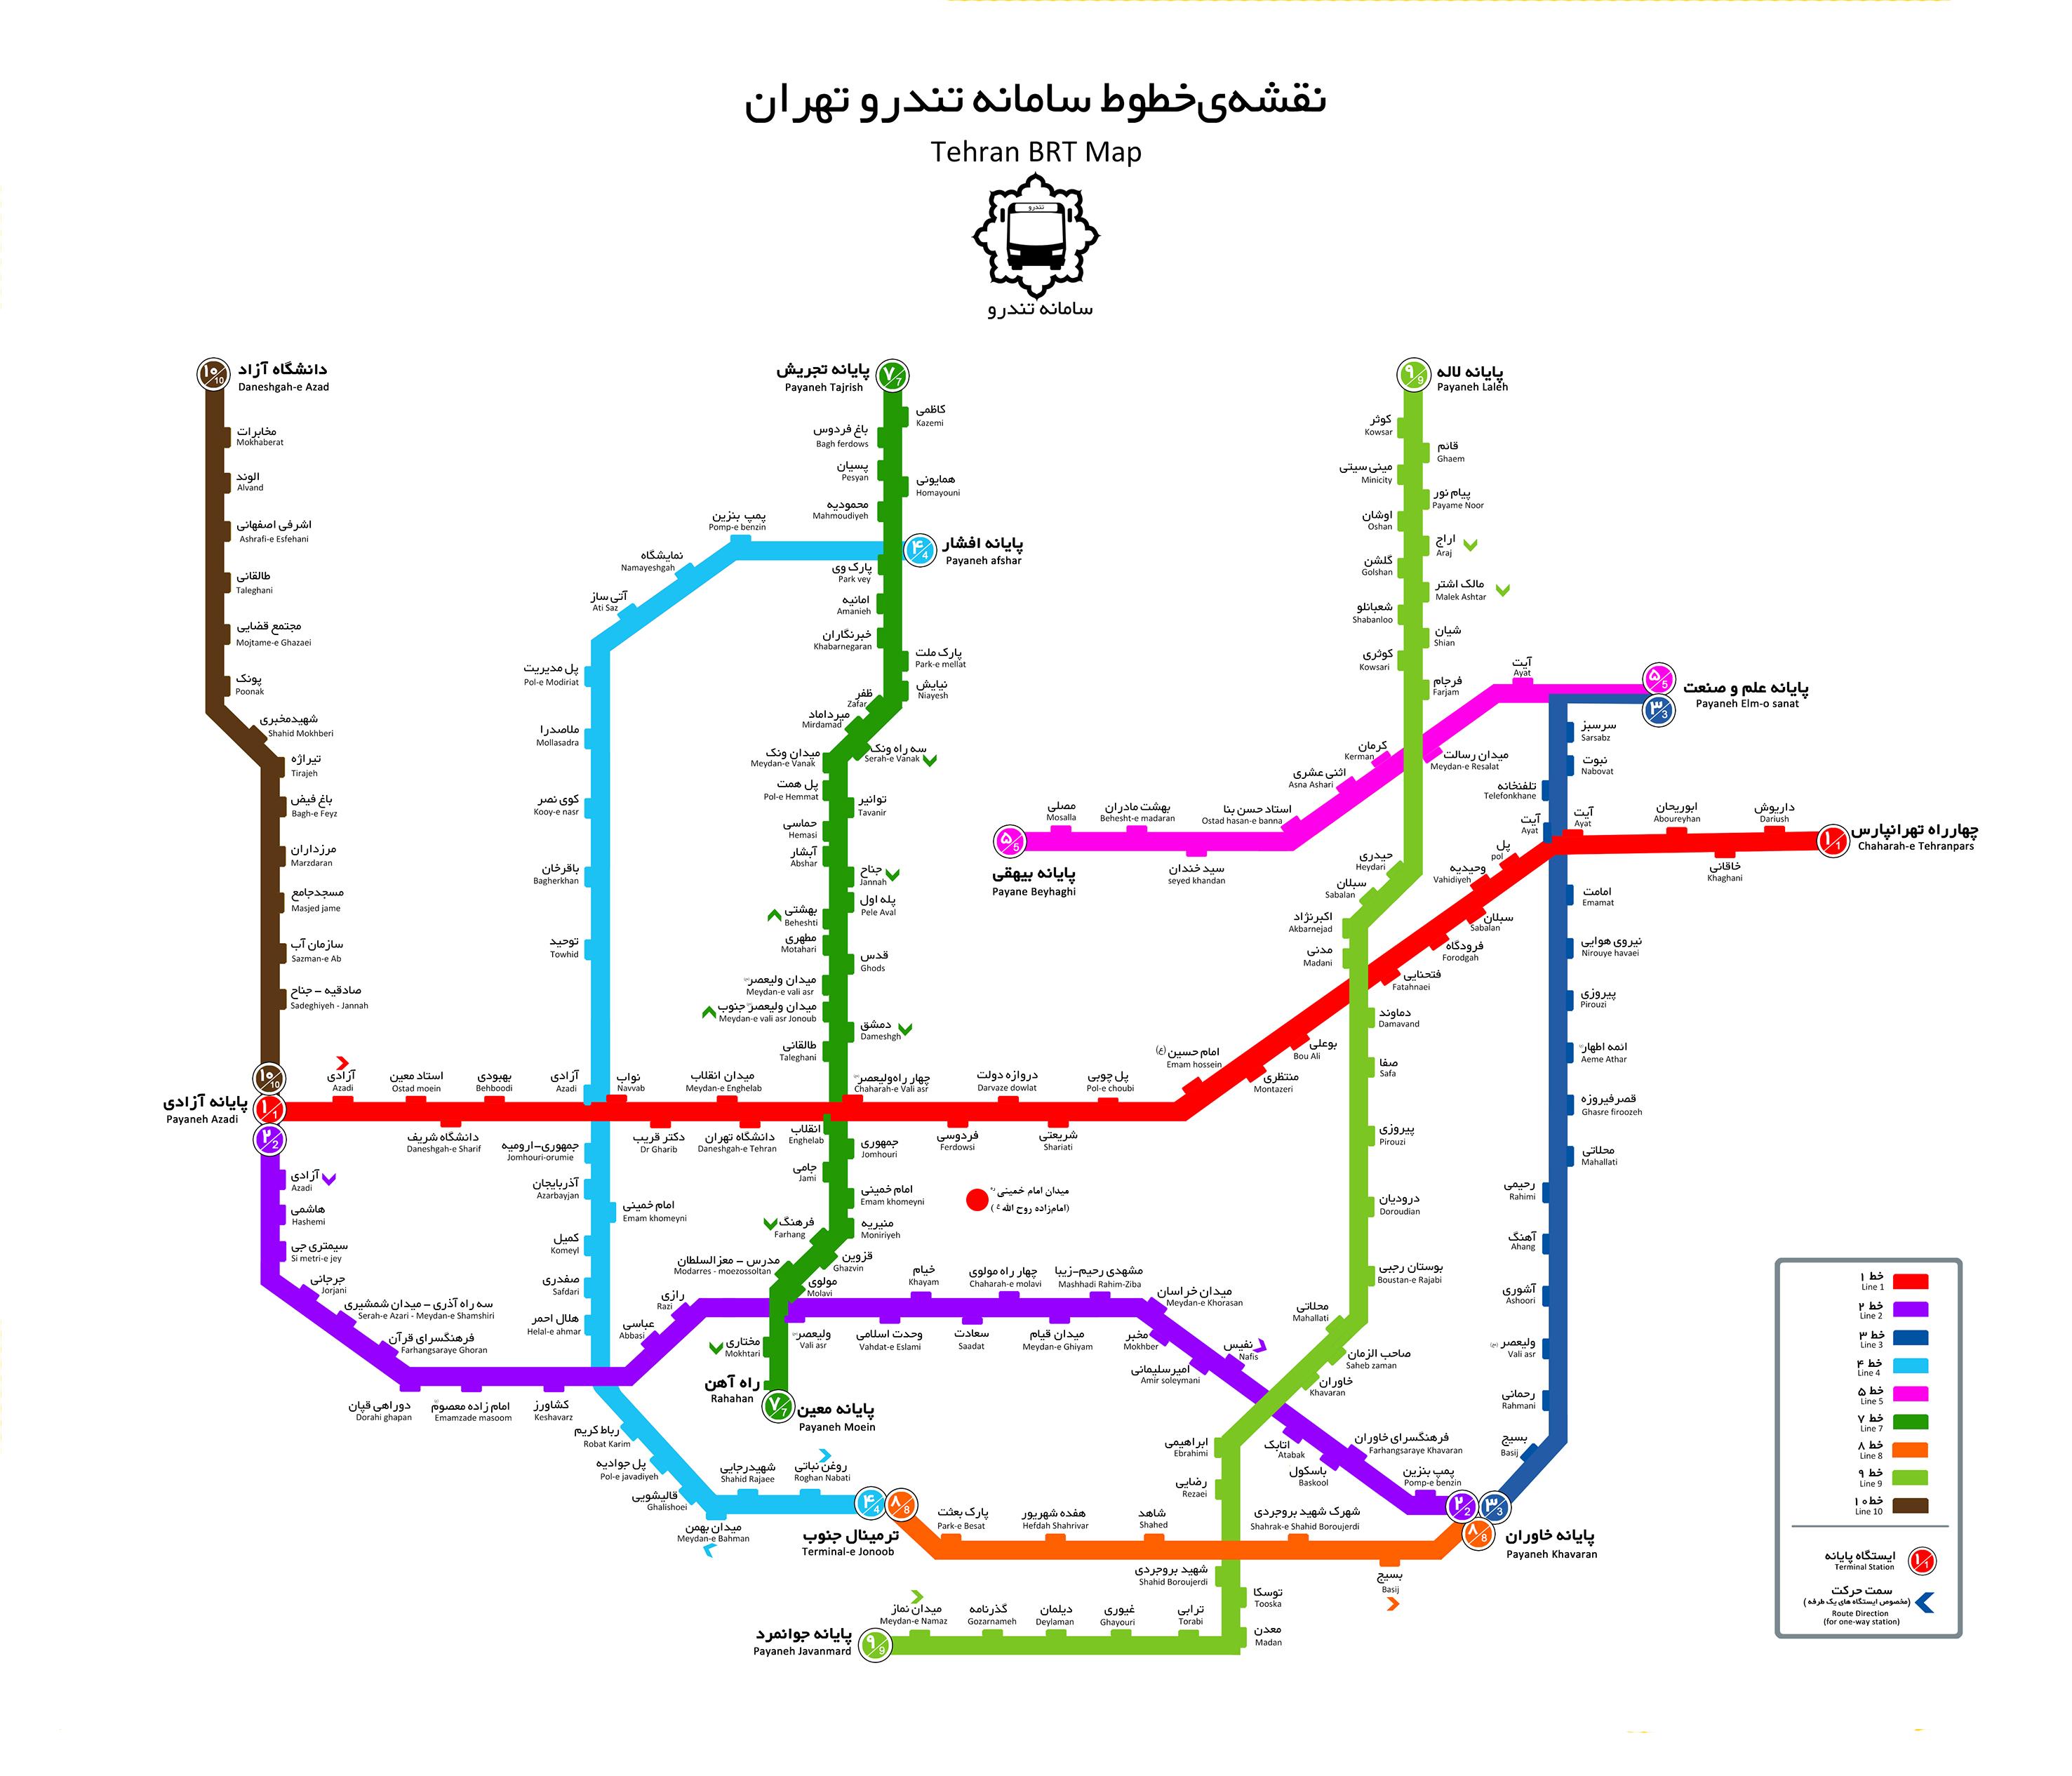 نقشه دسترسی به امامزاده روح الله (ع) از طریق اتوبوس